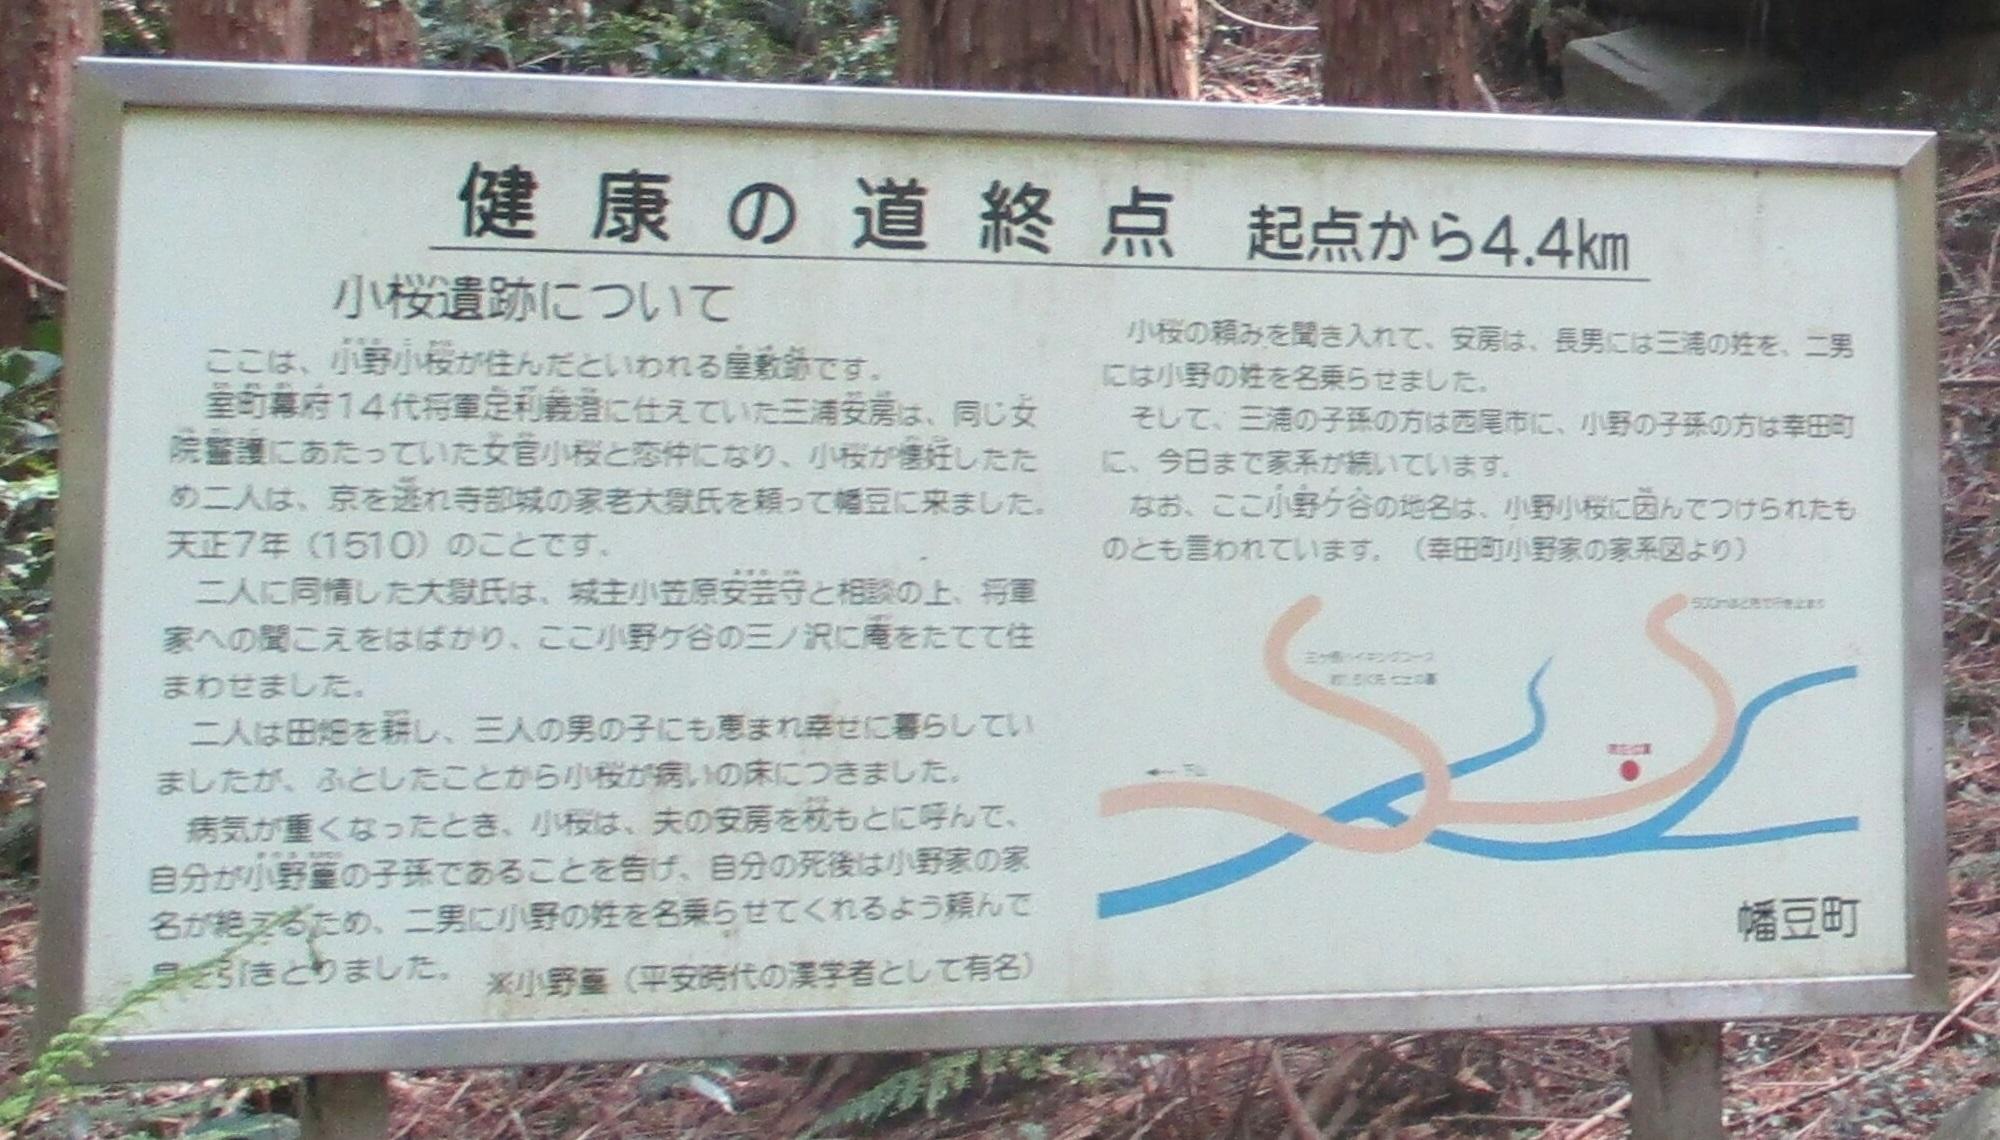 2019.5.3 (44-1) はずゆめヲーク - 小野小桜やしき 2000-1140